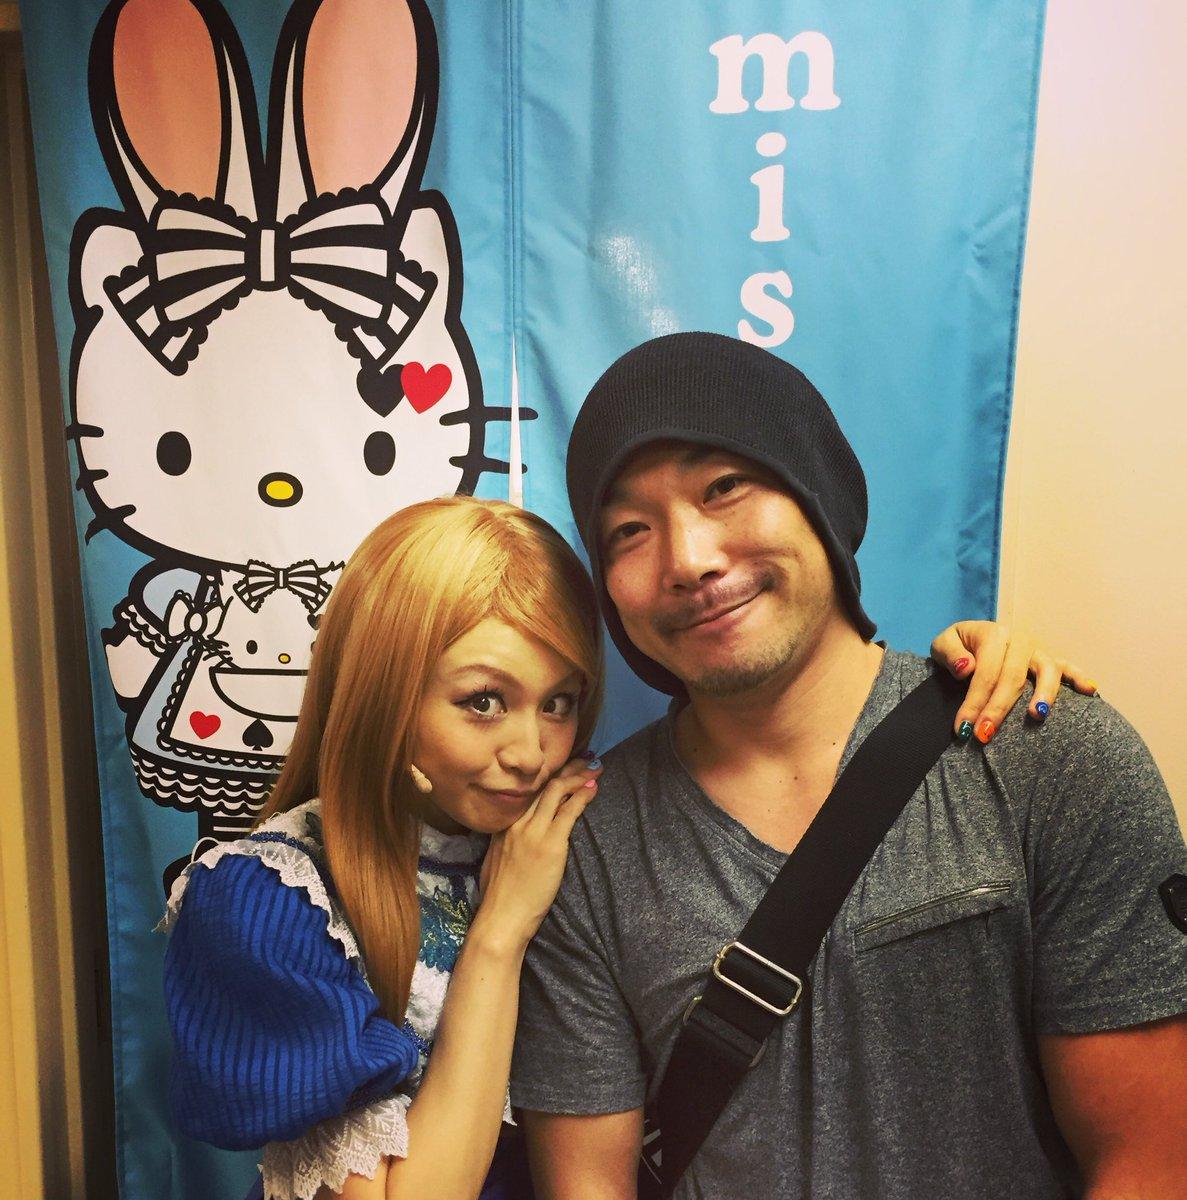 misonoちゃんのアリス素敵でした♪ 楽屋前で記念撮影して頂きましたm(__)m 忙しいのにサービス精神MAXのmisonoちゃん、千秋楽までファイティン!!  #misono #ミュージカル #不思議の国のアリス #ALICE https://t.co/4FraFHUvLV